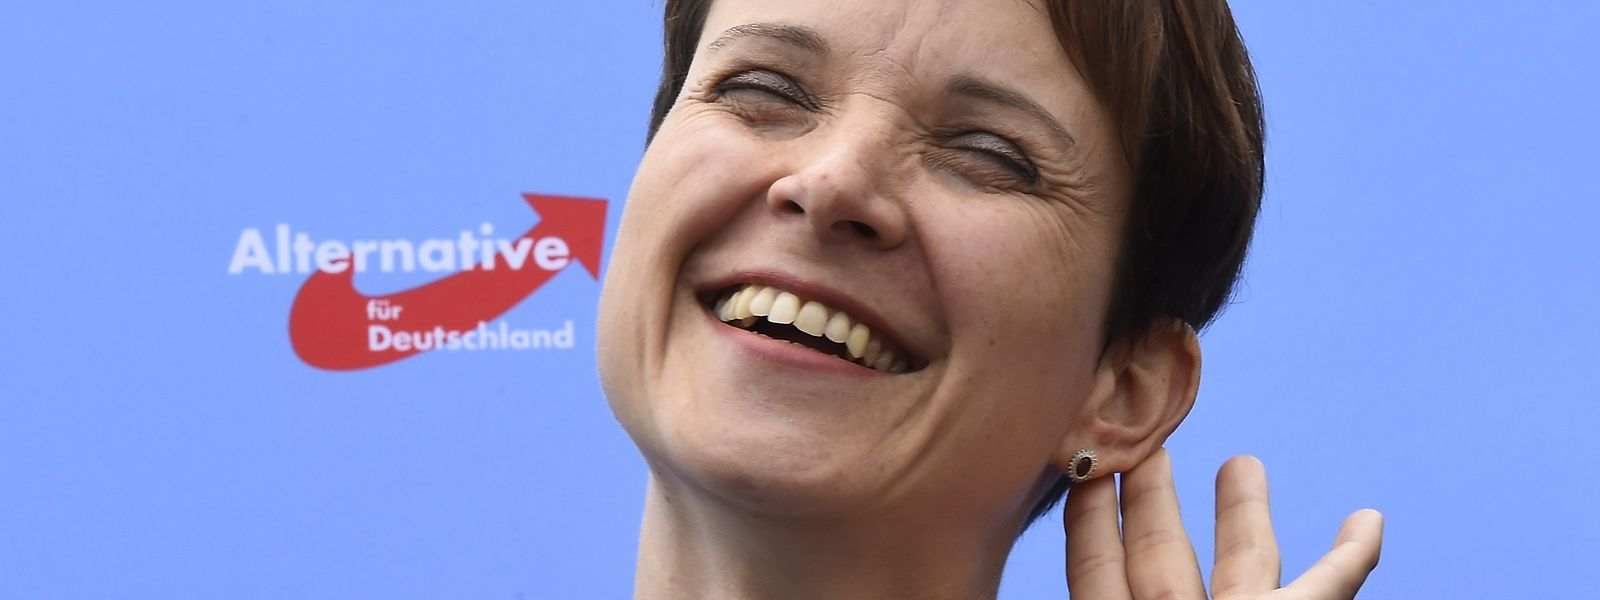 Die einstige AfD-Frontfrau Frauke Petry hat nach ihrem spektakulären Abgang nach den Bundestagswahlen die Blaue Partei ins Leben gerufen.